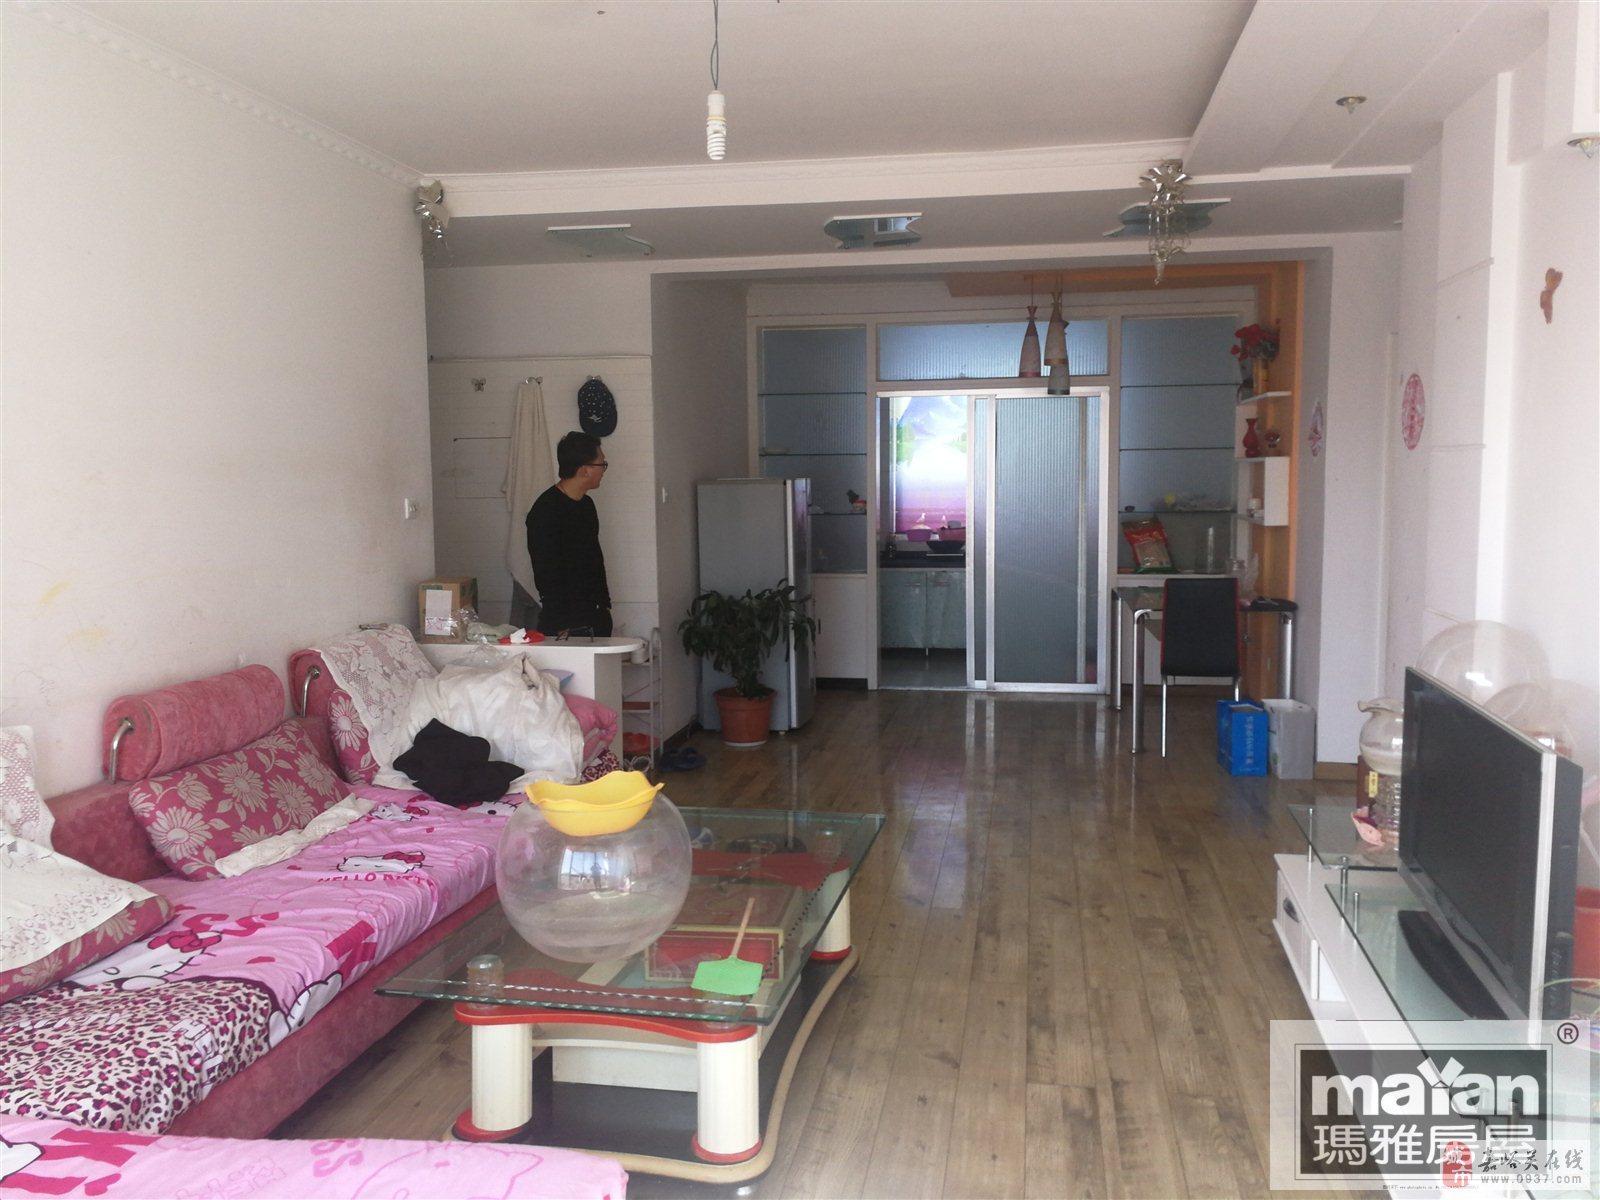 广汇小区3室2厅1卫出售